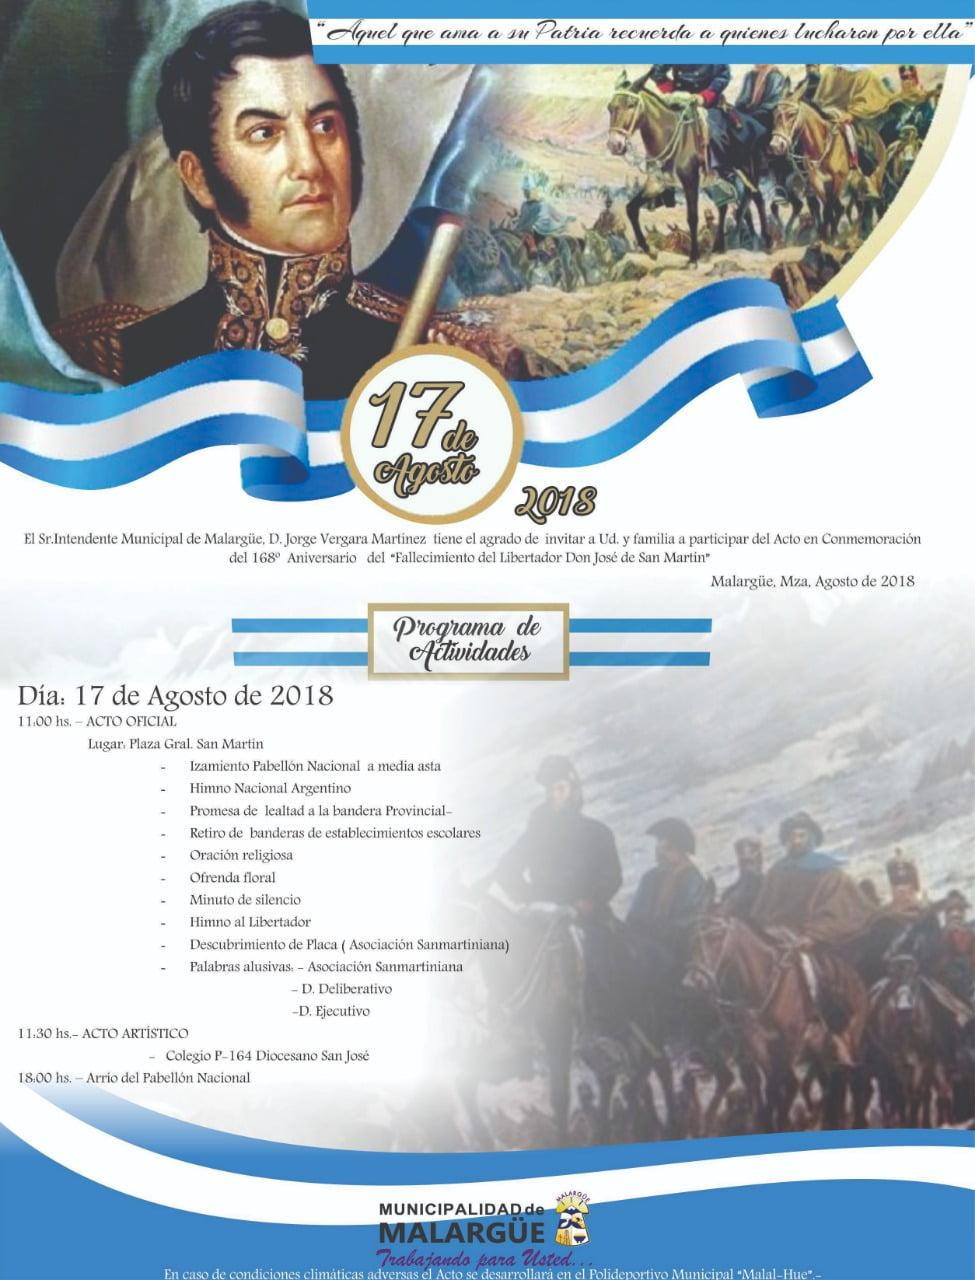 Invitación para los actos programados por el 17 de Agosto